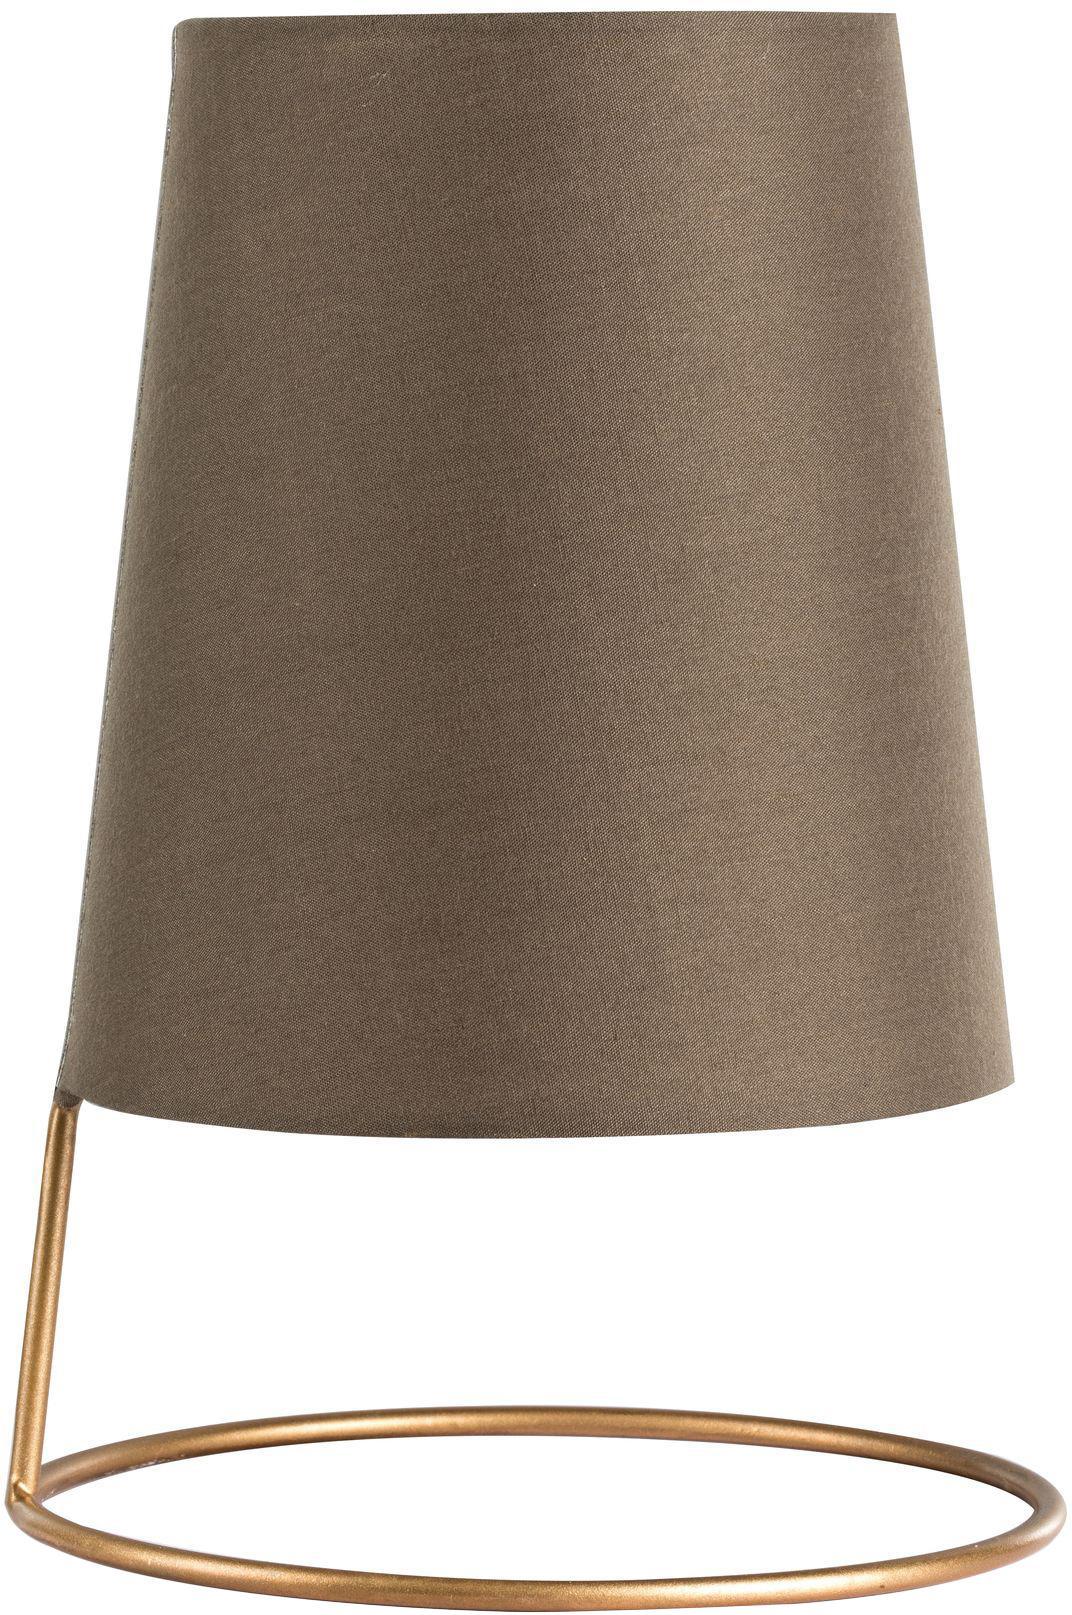 Lampada da tavolo retro Ata, Paralume: miscela di cotone, Base della lampada: metallo rivestito, Dorato, marrone, Ø 18 x Alt. 26 cm